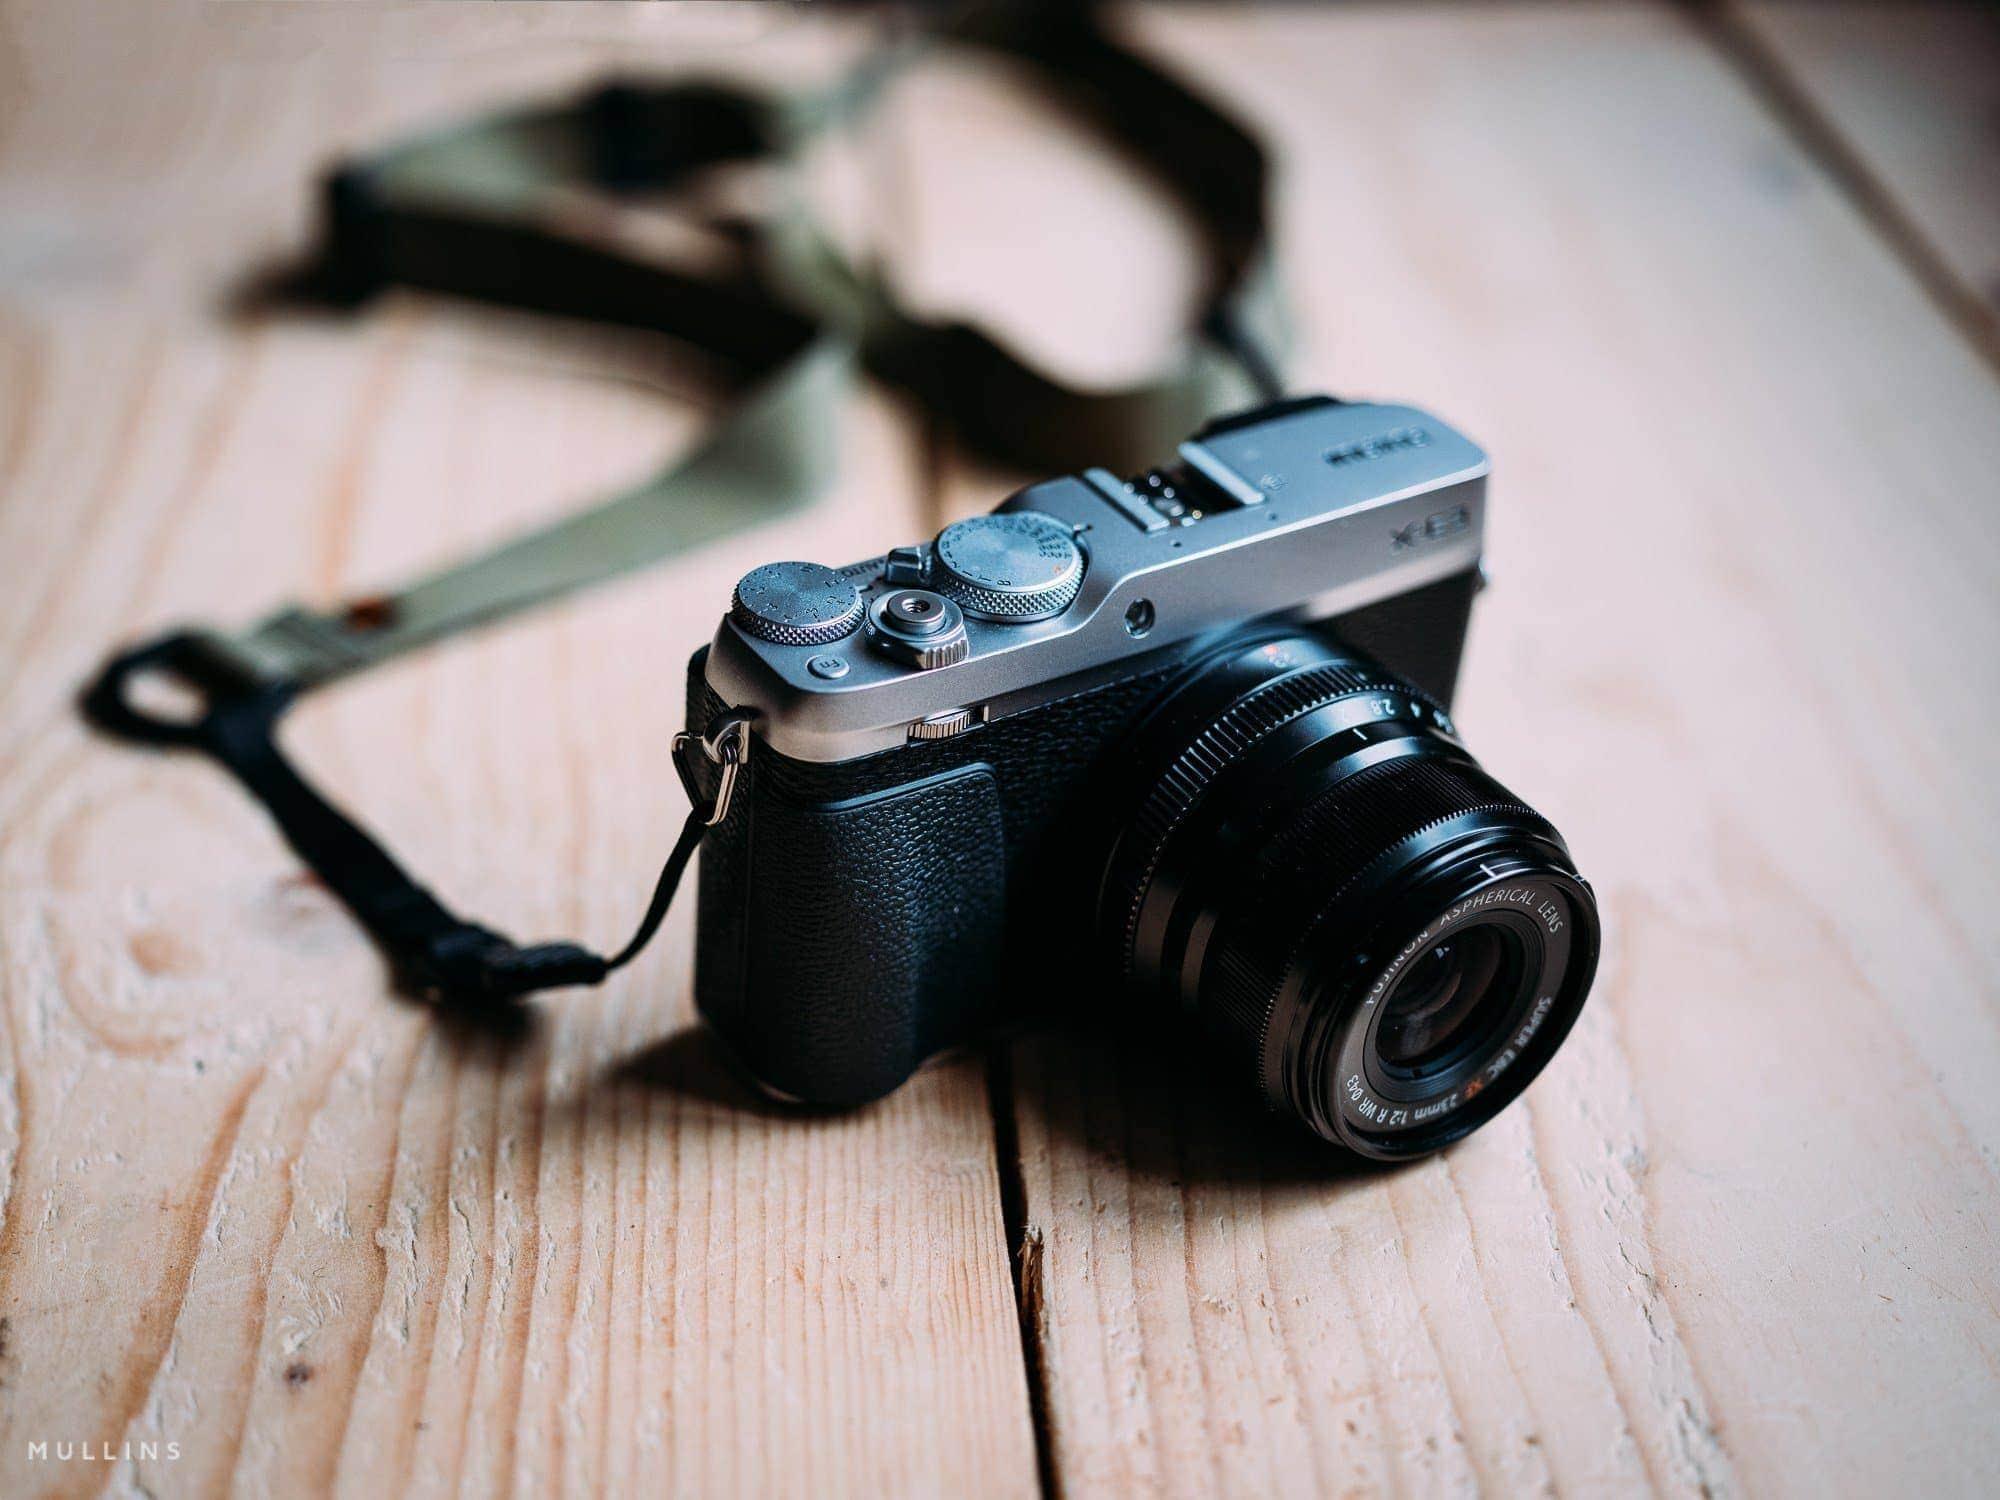 M1a मिररलेस कैमरा स्ट्रैप केविन मुलिंस की X-E3 पर